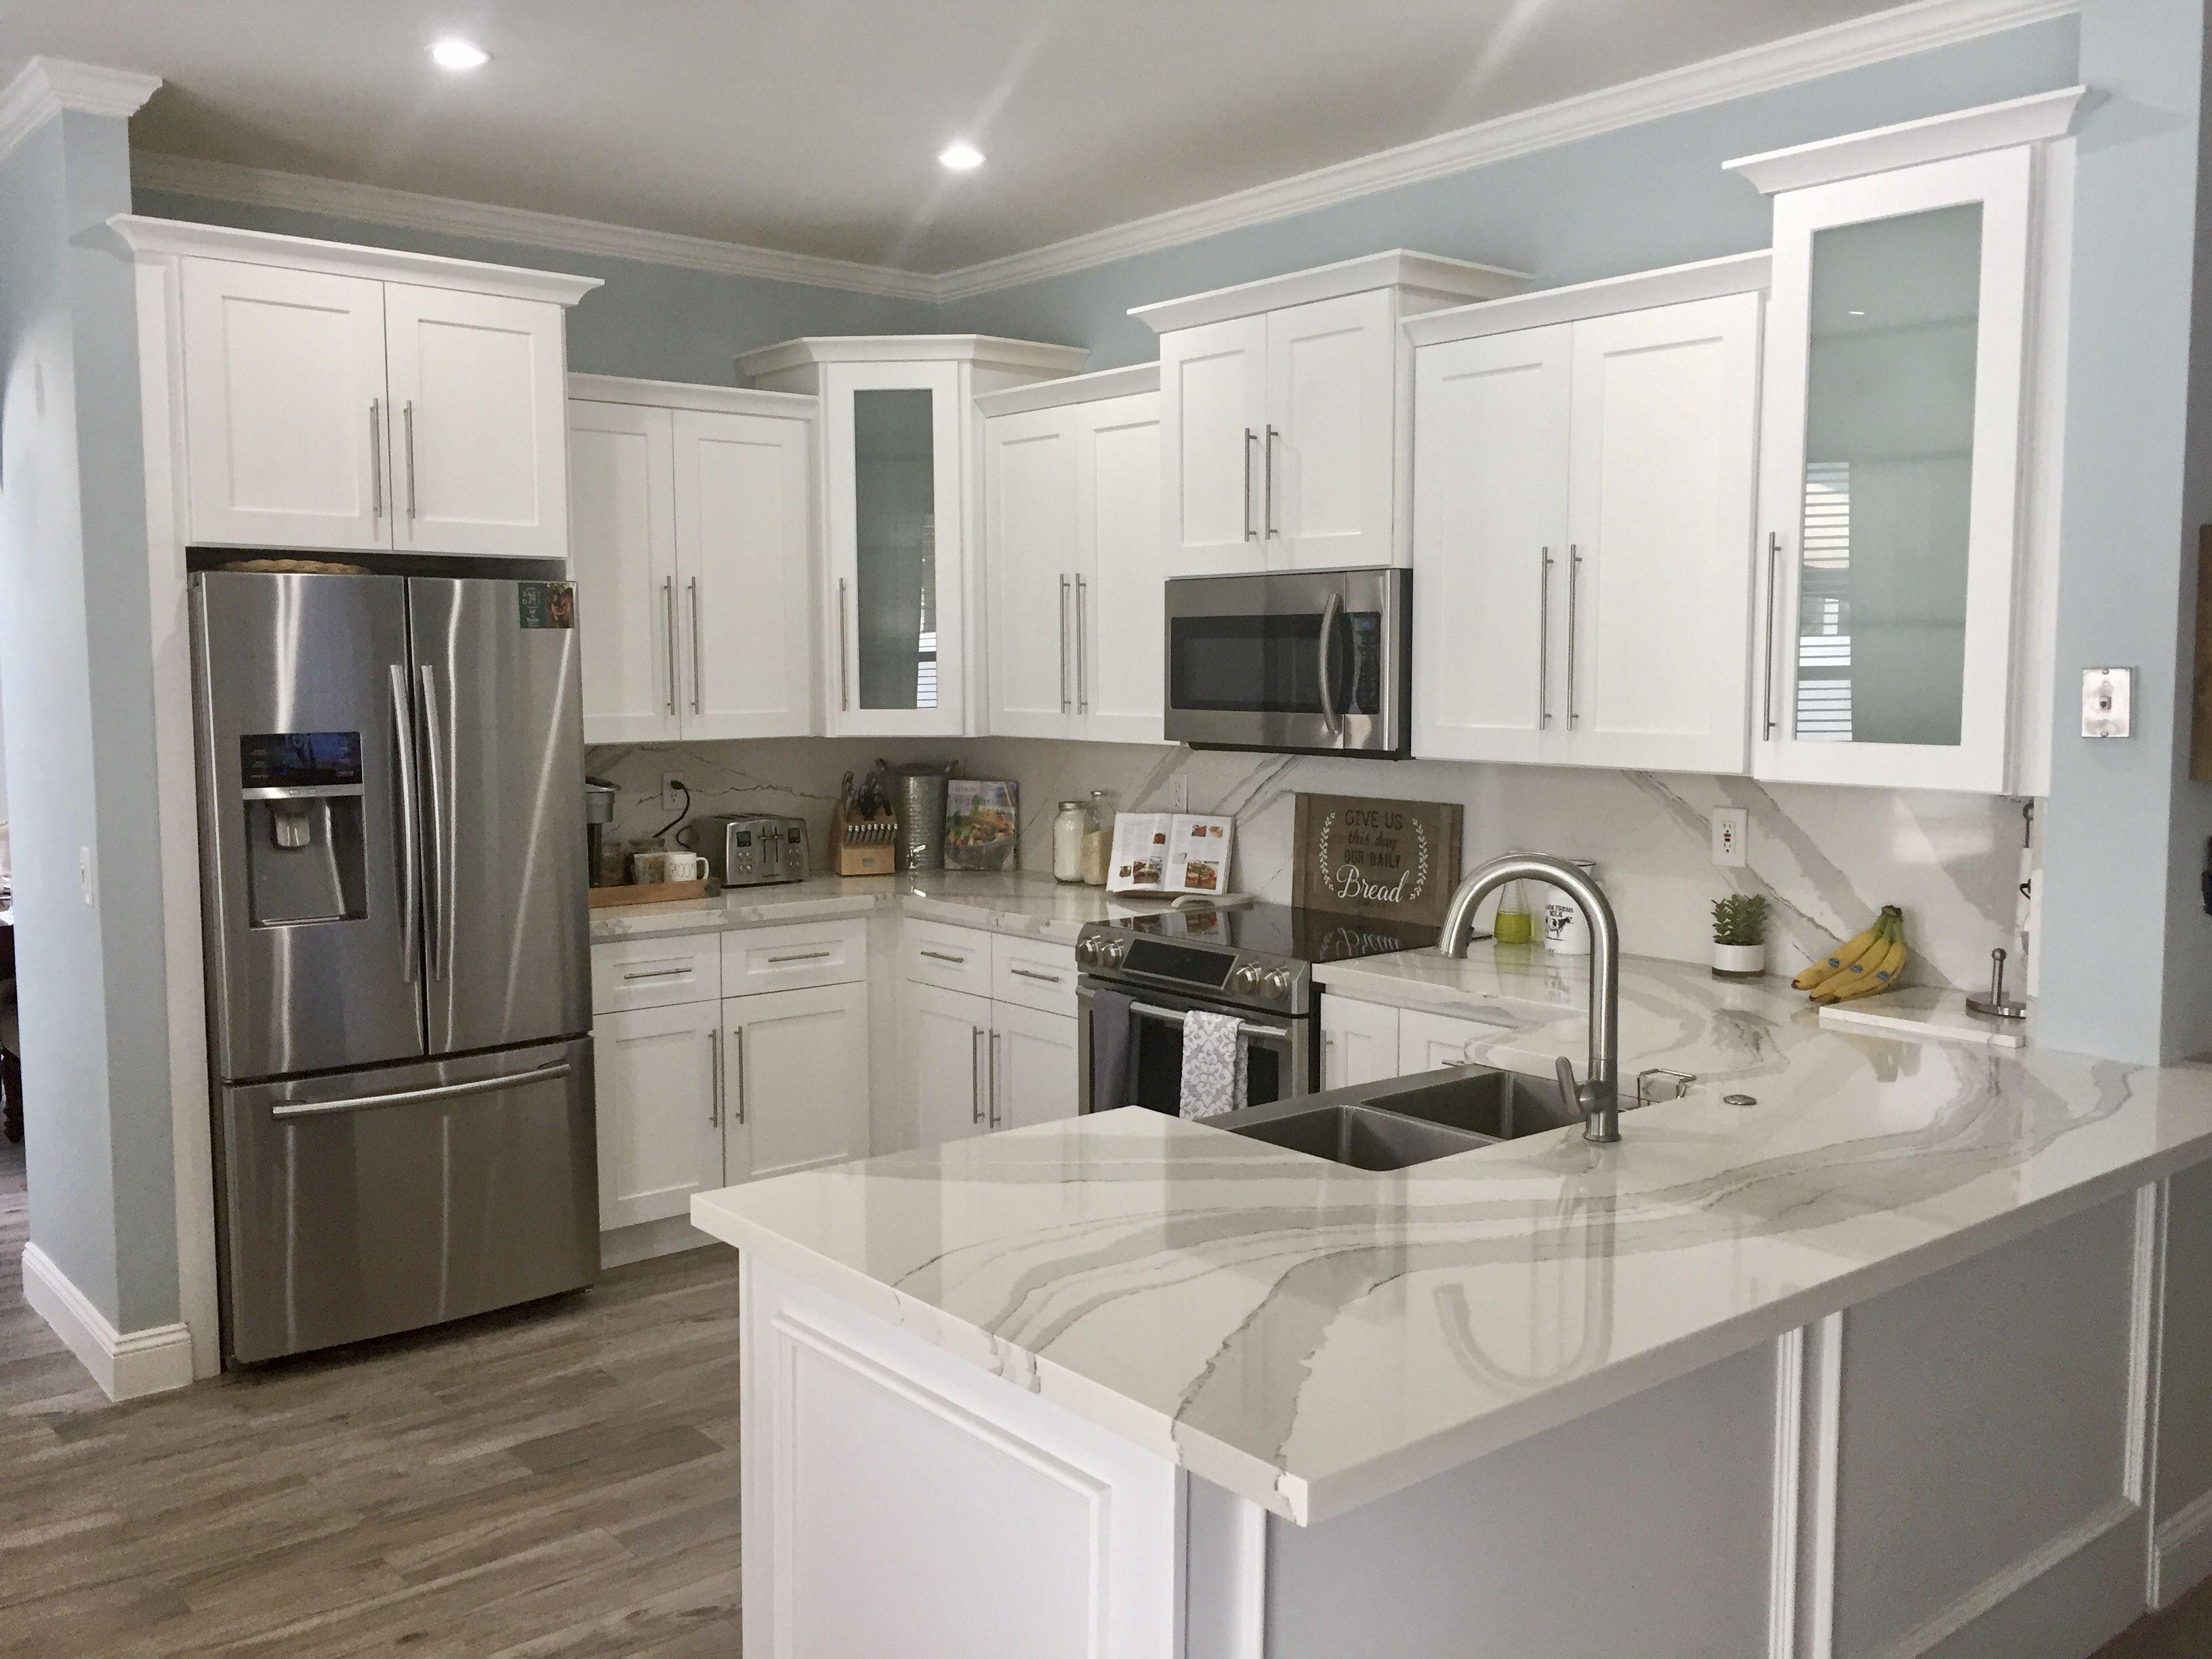 all white rustic chic farmhouse kitchen. #farmhousekitchens #kitchens #beautiful #whitekitchen #